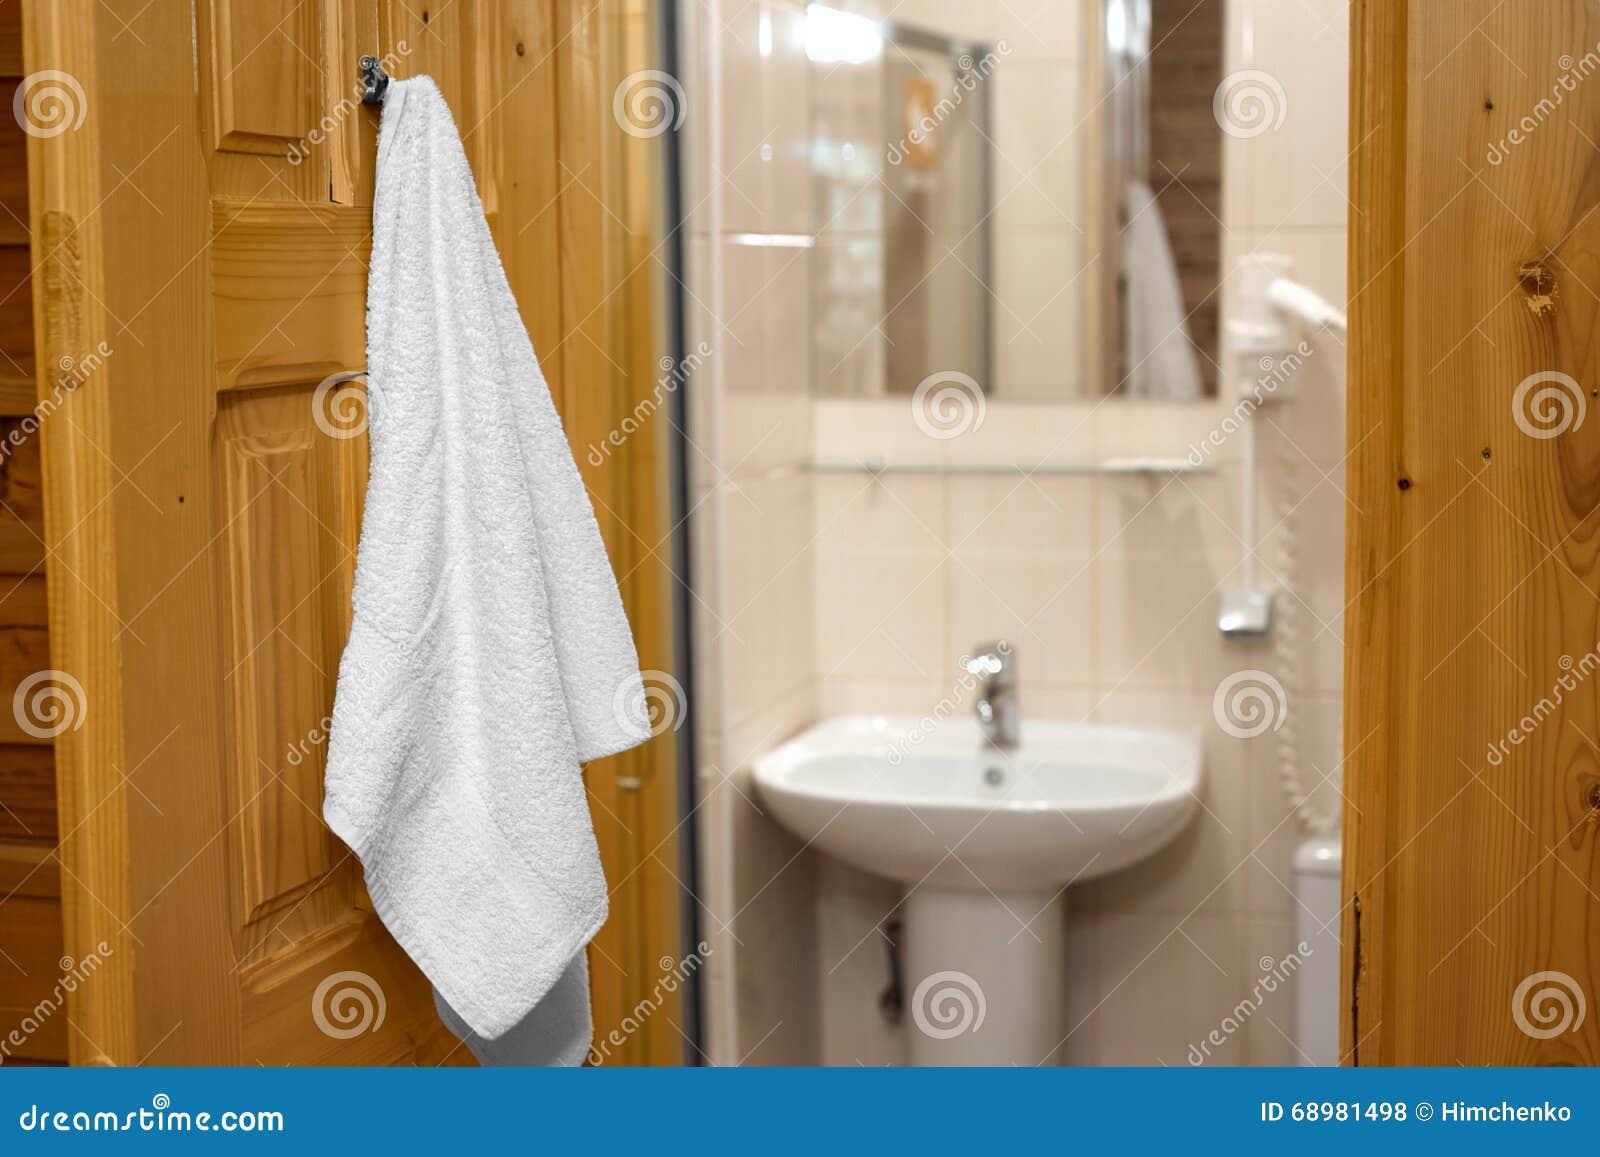 Ejecución de la toalla en la puerta del cuarto de baño